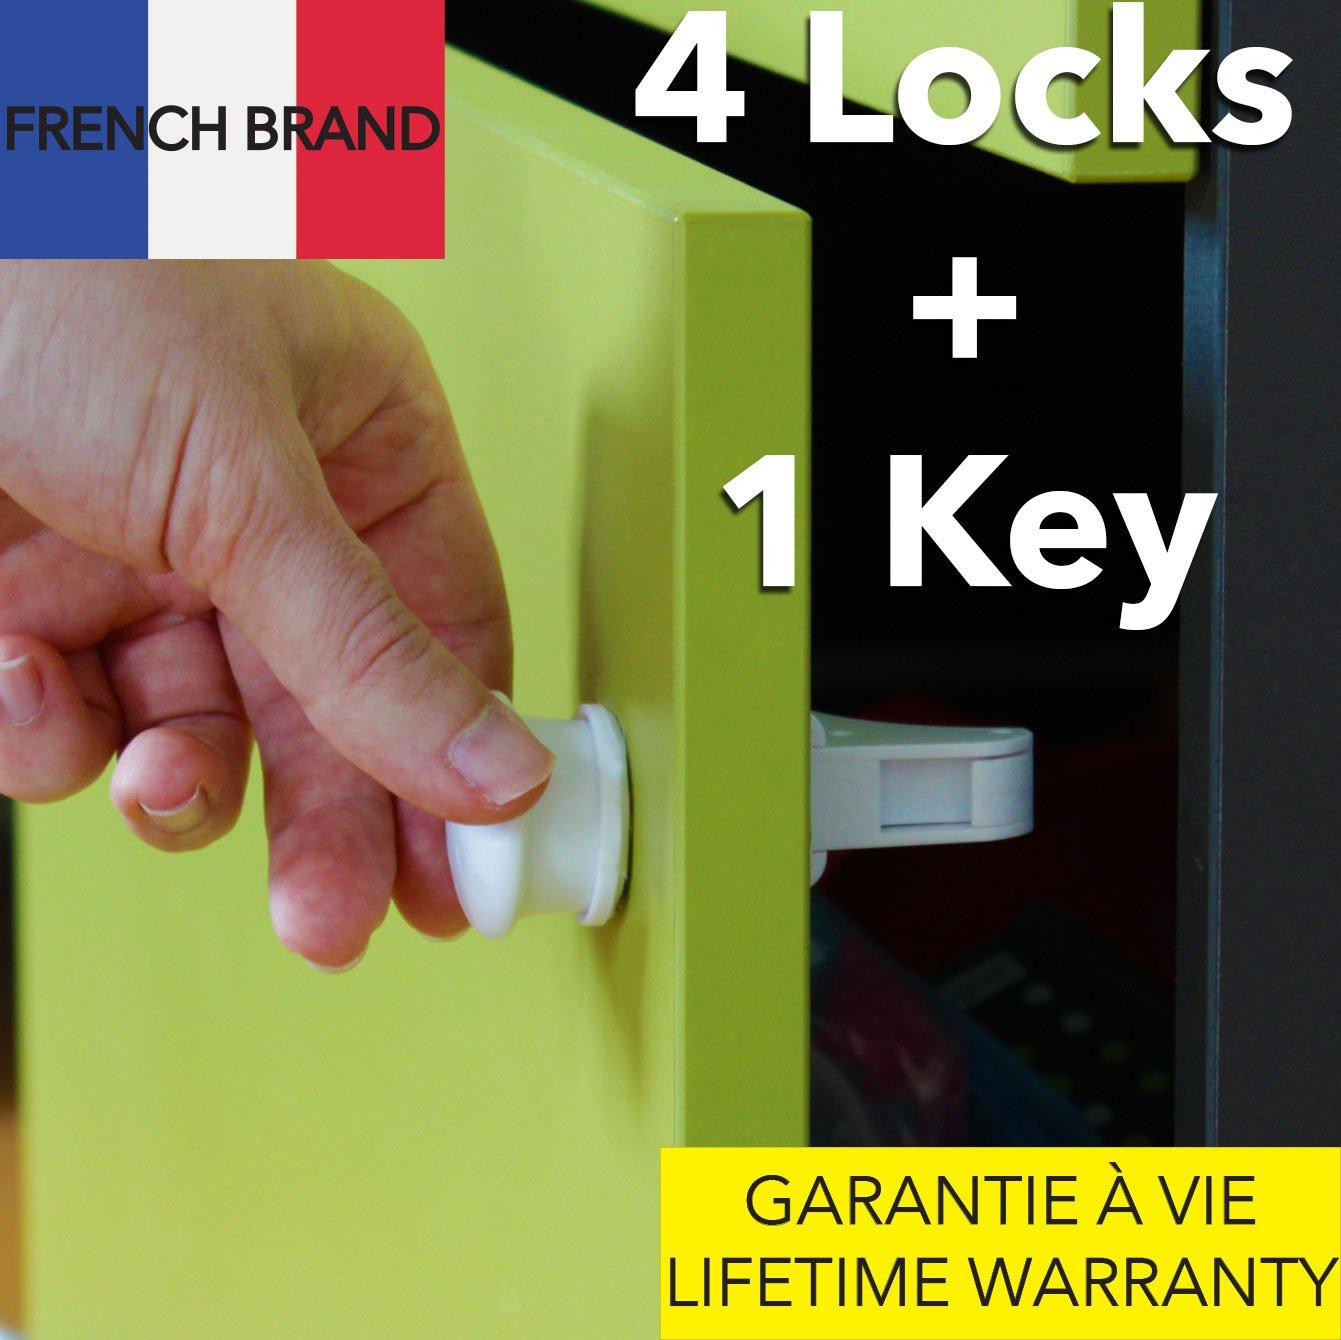 TAKIT Seguros de cajones para niños pequeños, seguros invisibles magnéticos de vitrinas para niños pequeños – no se necesitan herramientas ni tornillos. 4 seguros + 1 llave – Blancos BB1